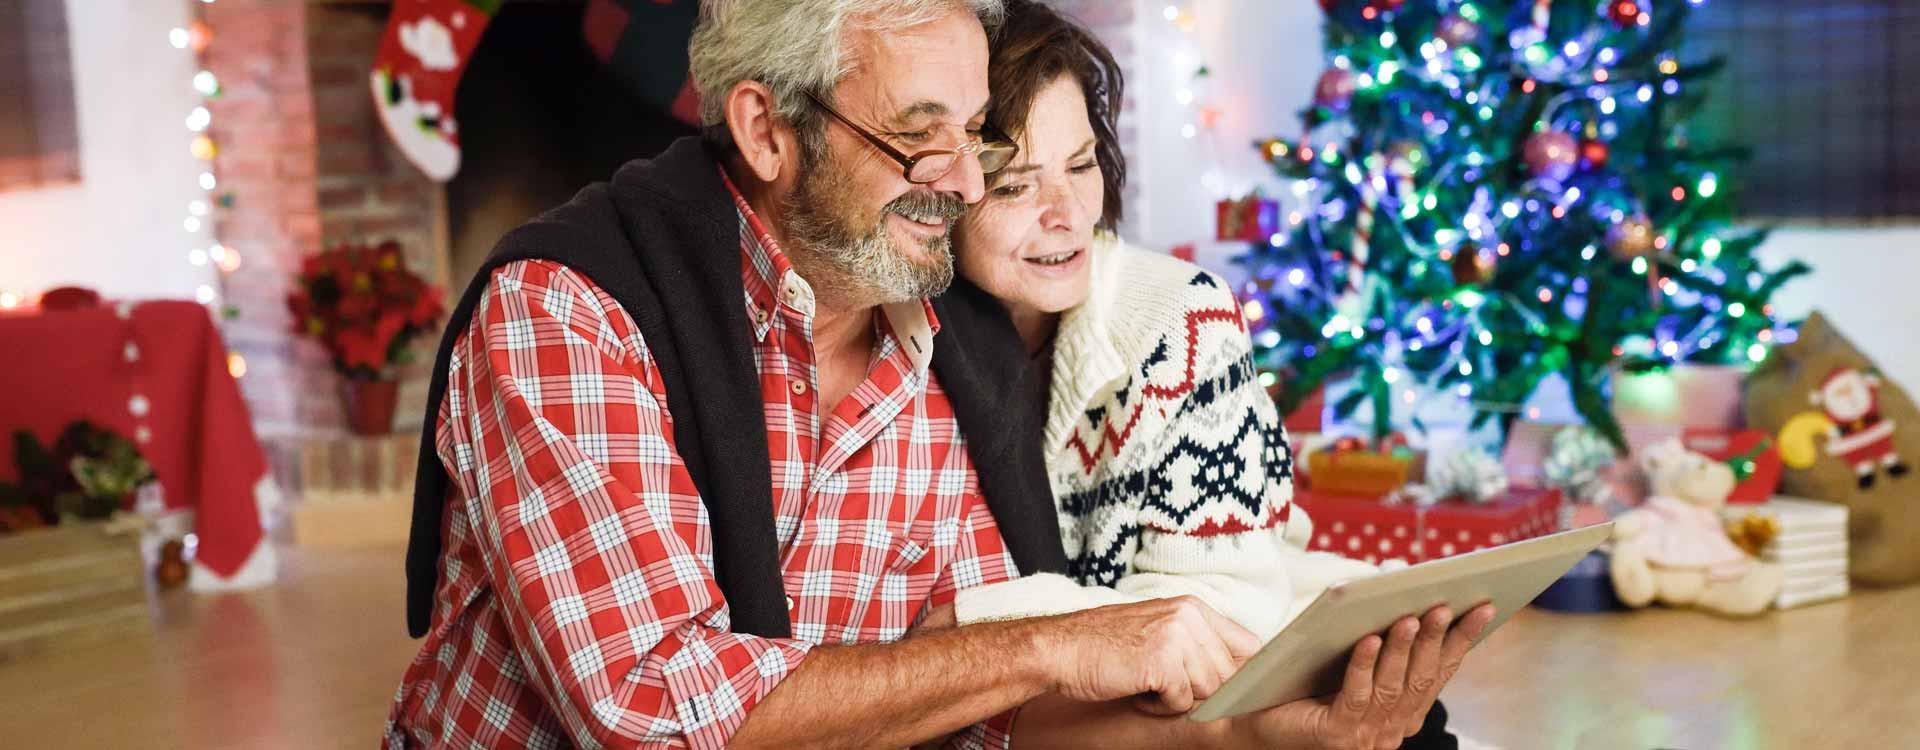 Wspólny prezent świąteczny dla rodziców – trudny wybór czy proste zadanie?